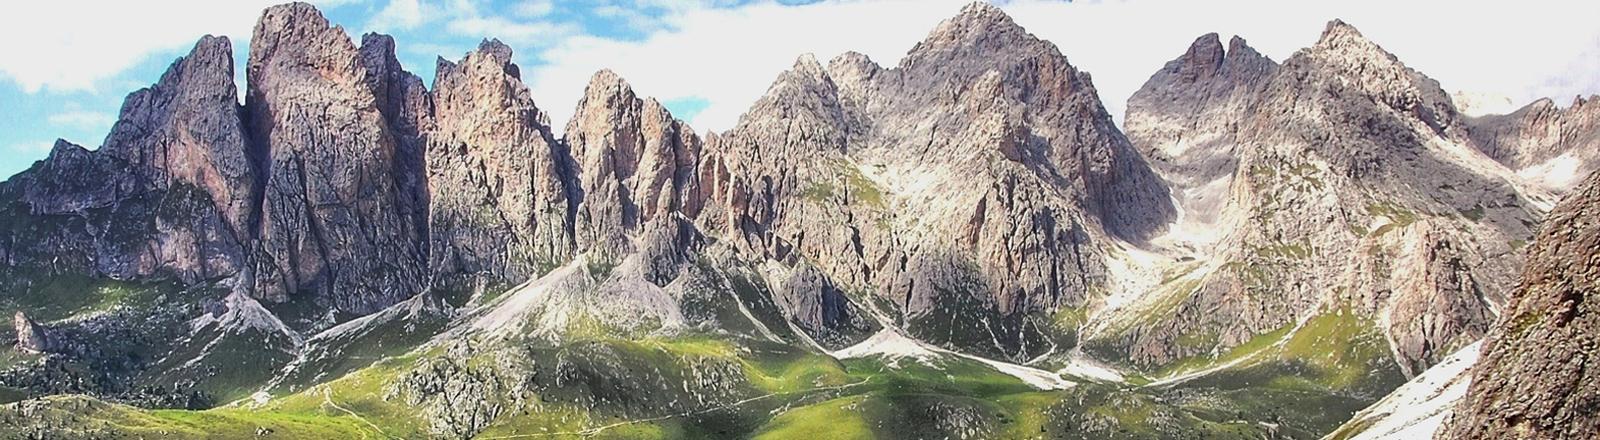 Dolomiten-Bergpanorama